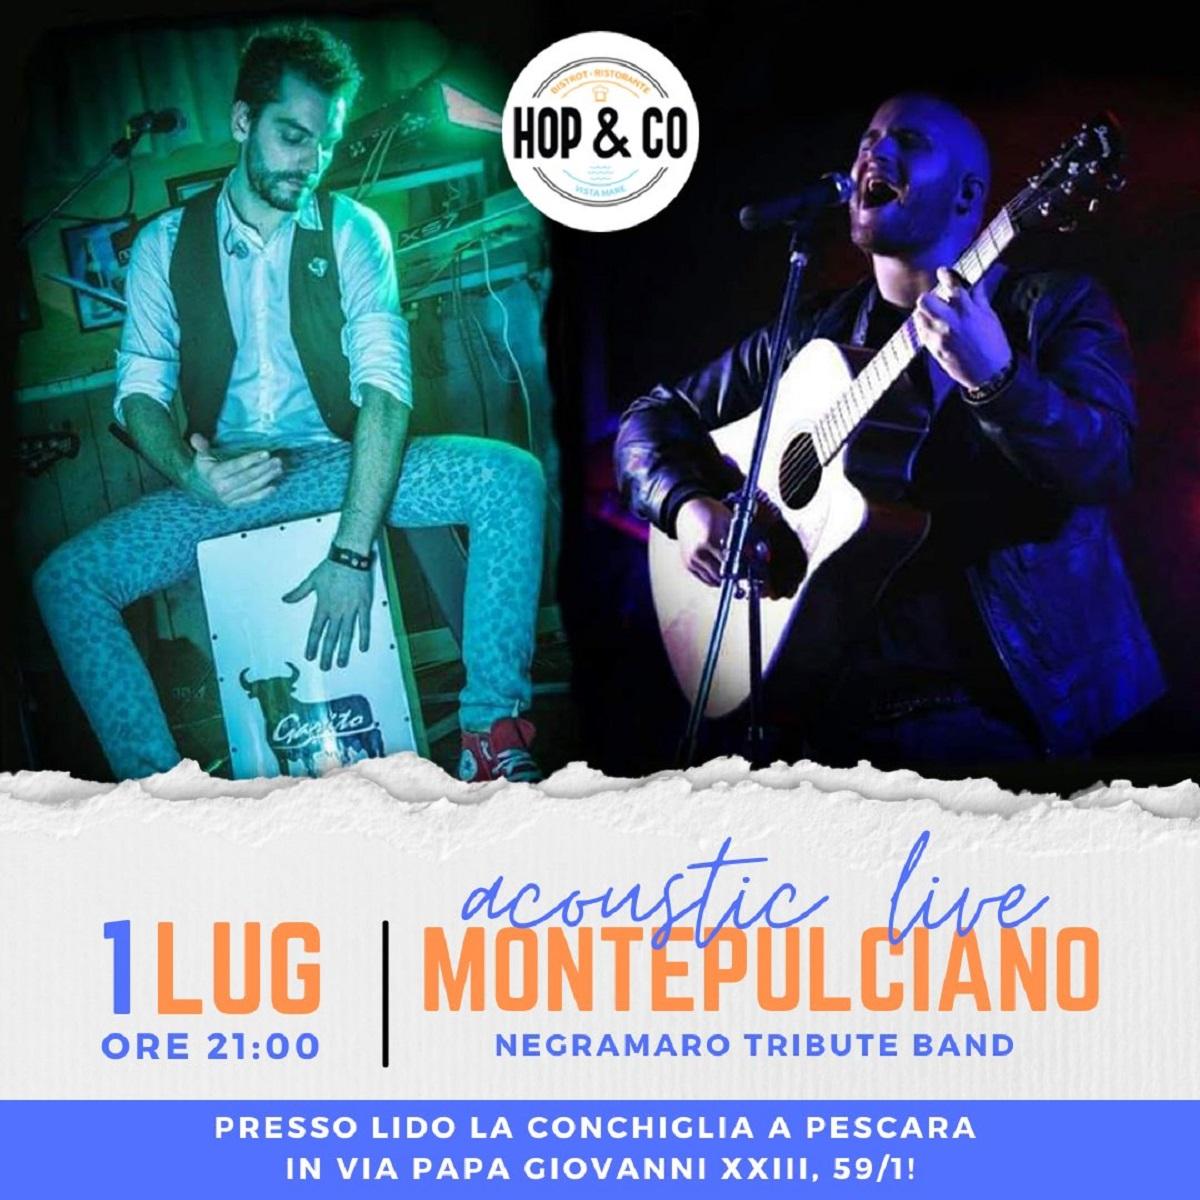 Montepulciano Tribute Band in acoustic live 1 luglio 2021 foto